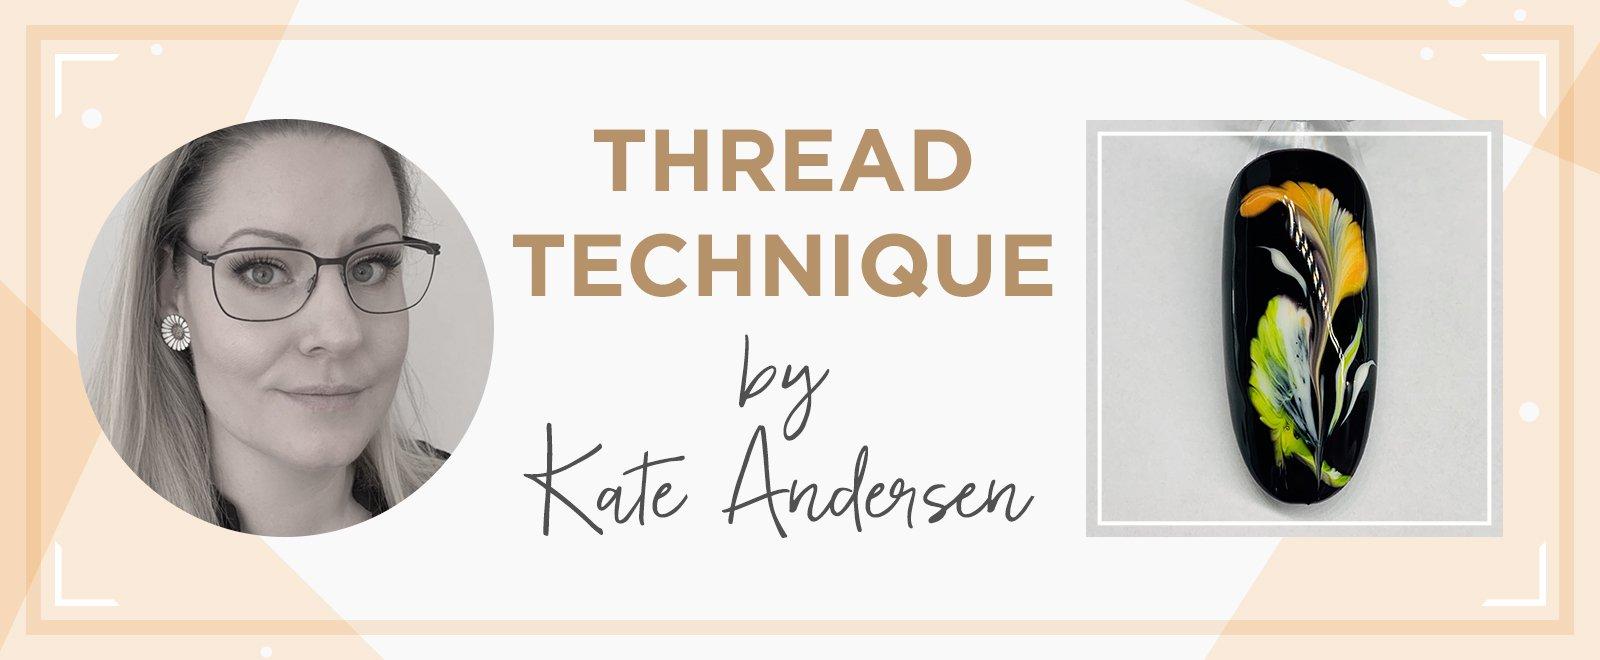 SBS_header_template_1600x660_thread-technique_Kate-Andersen